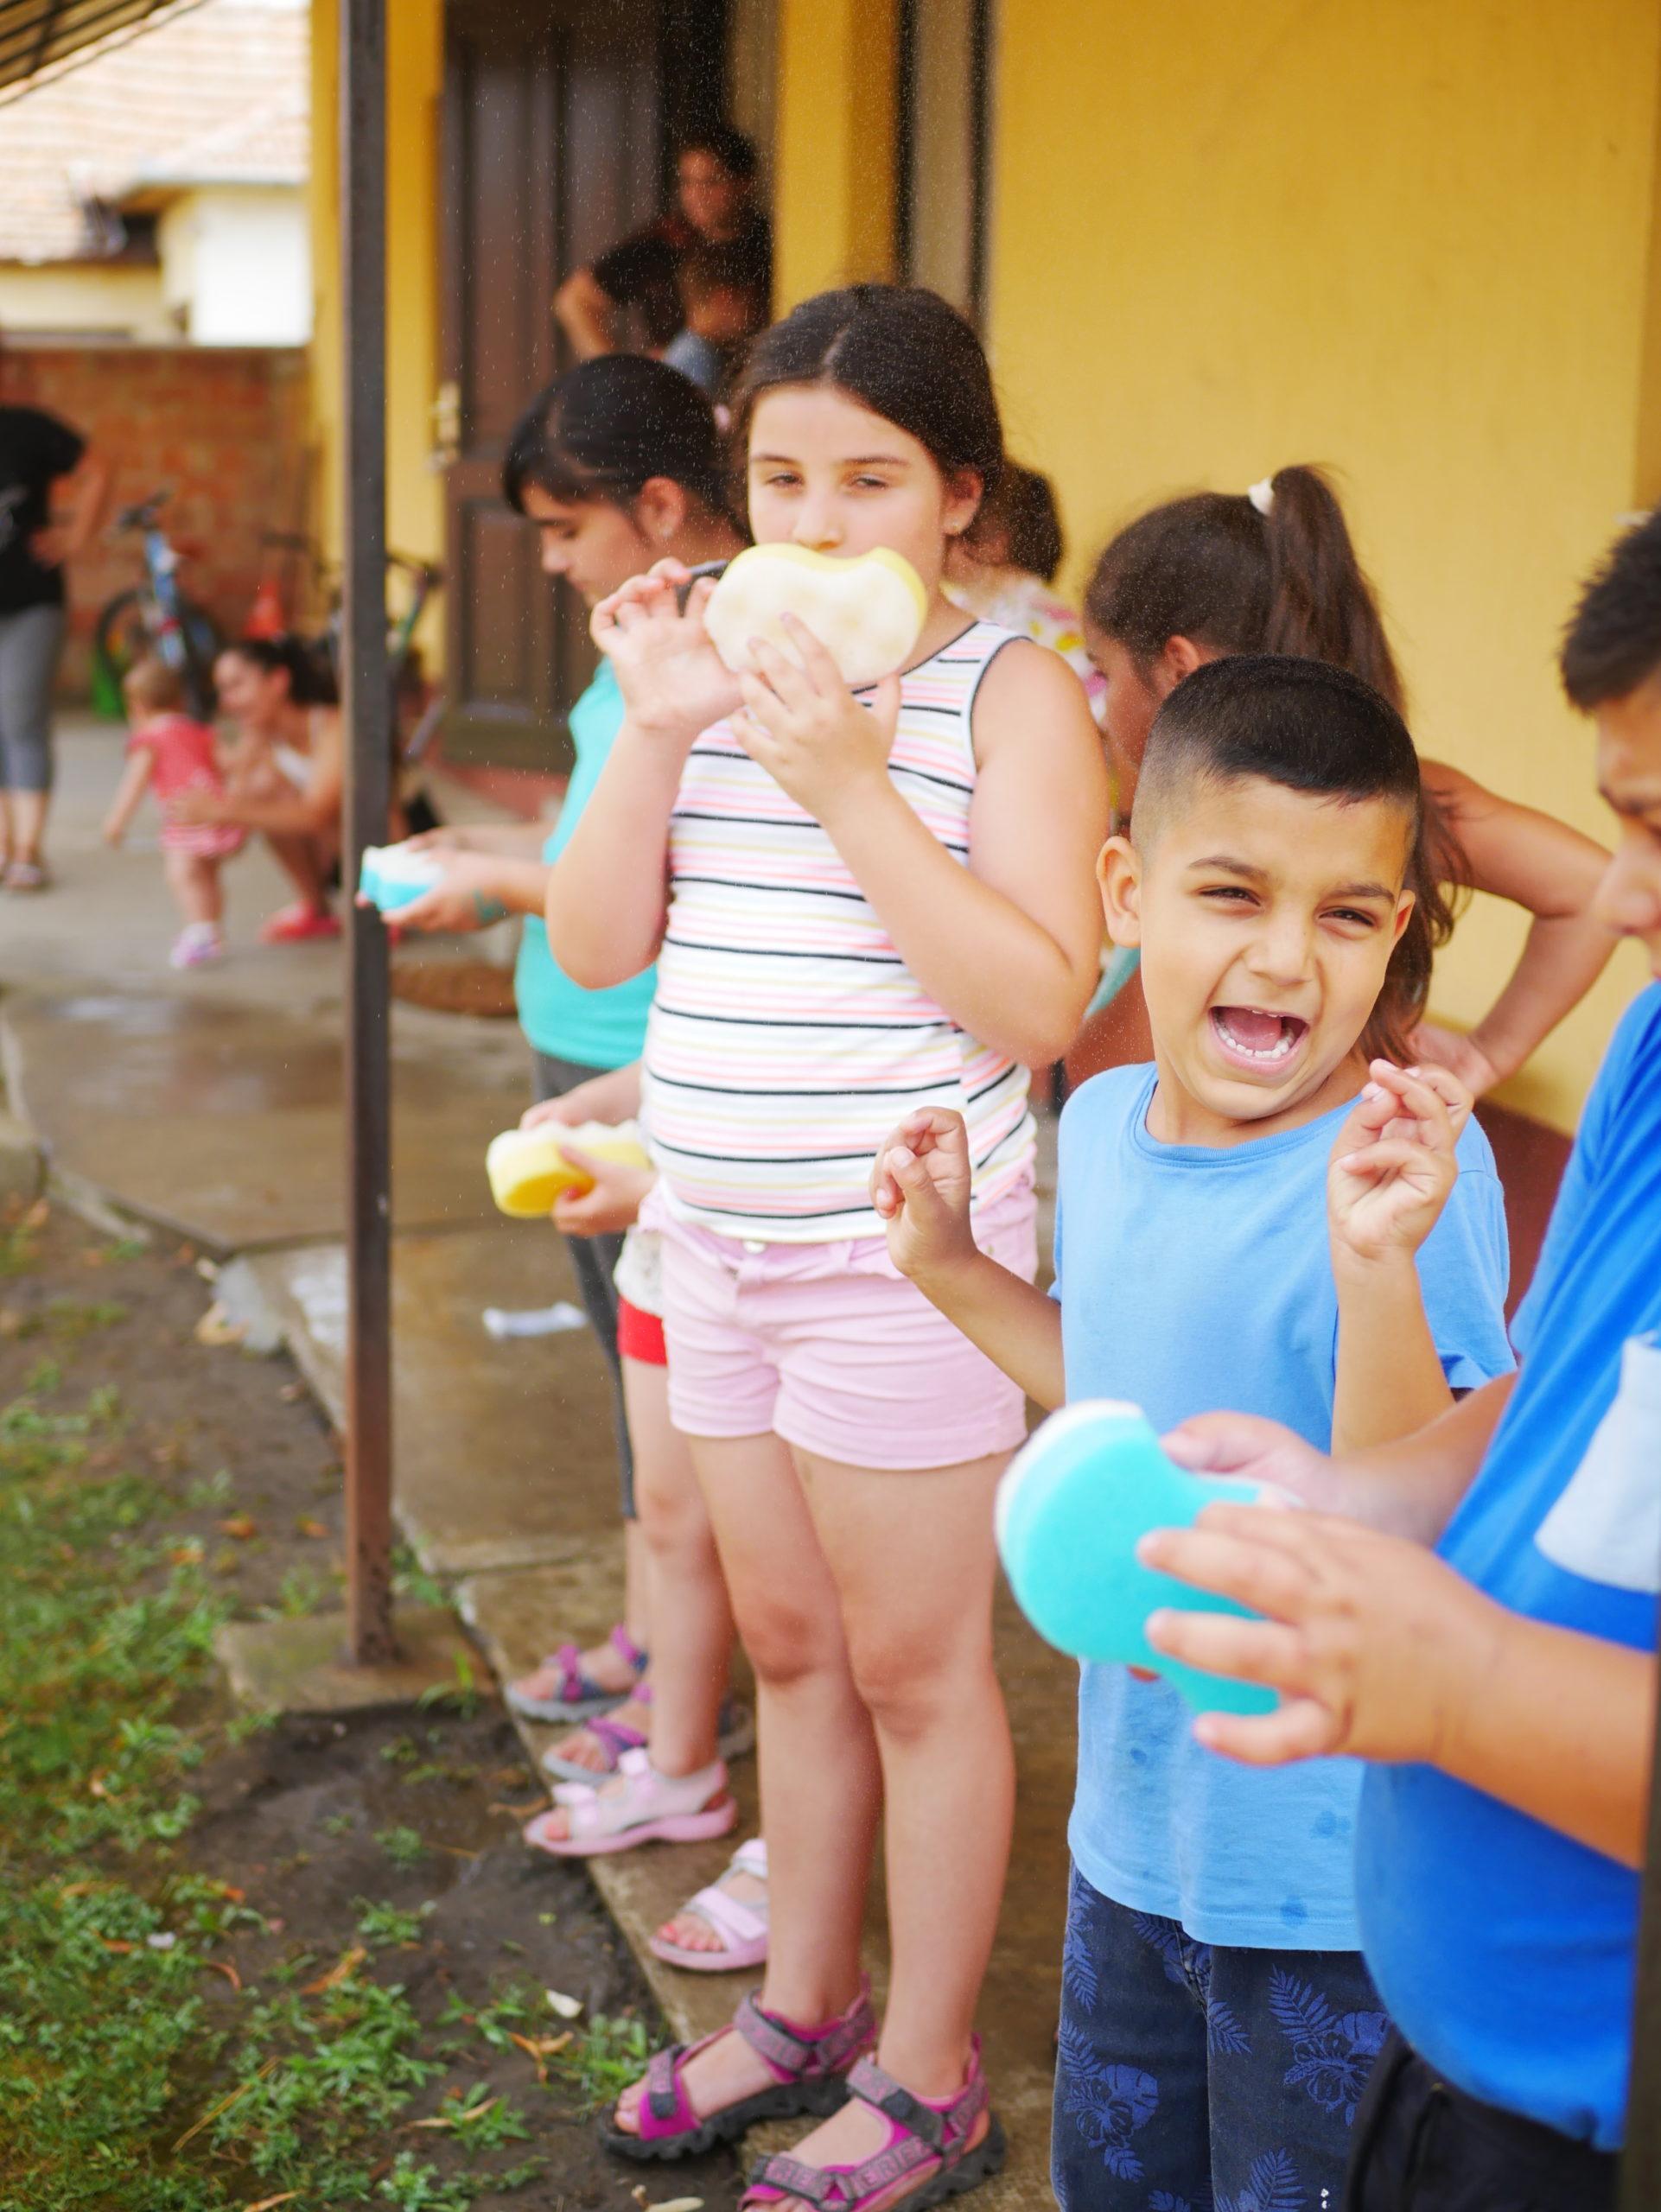 Napközis gyerektábor Kétegyházán 9